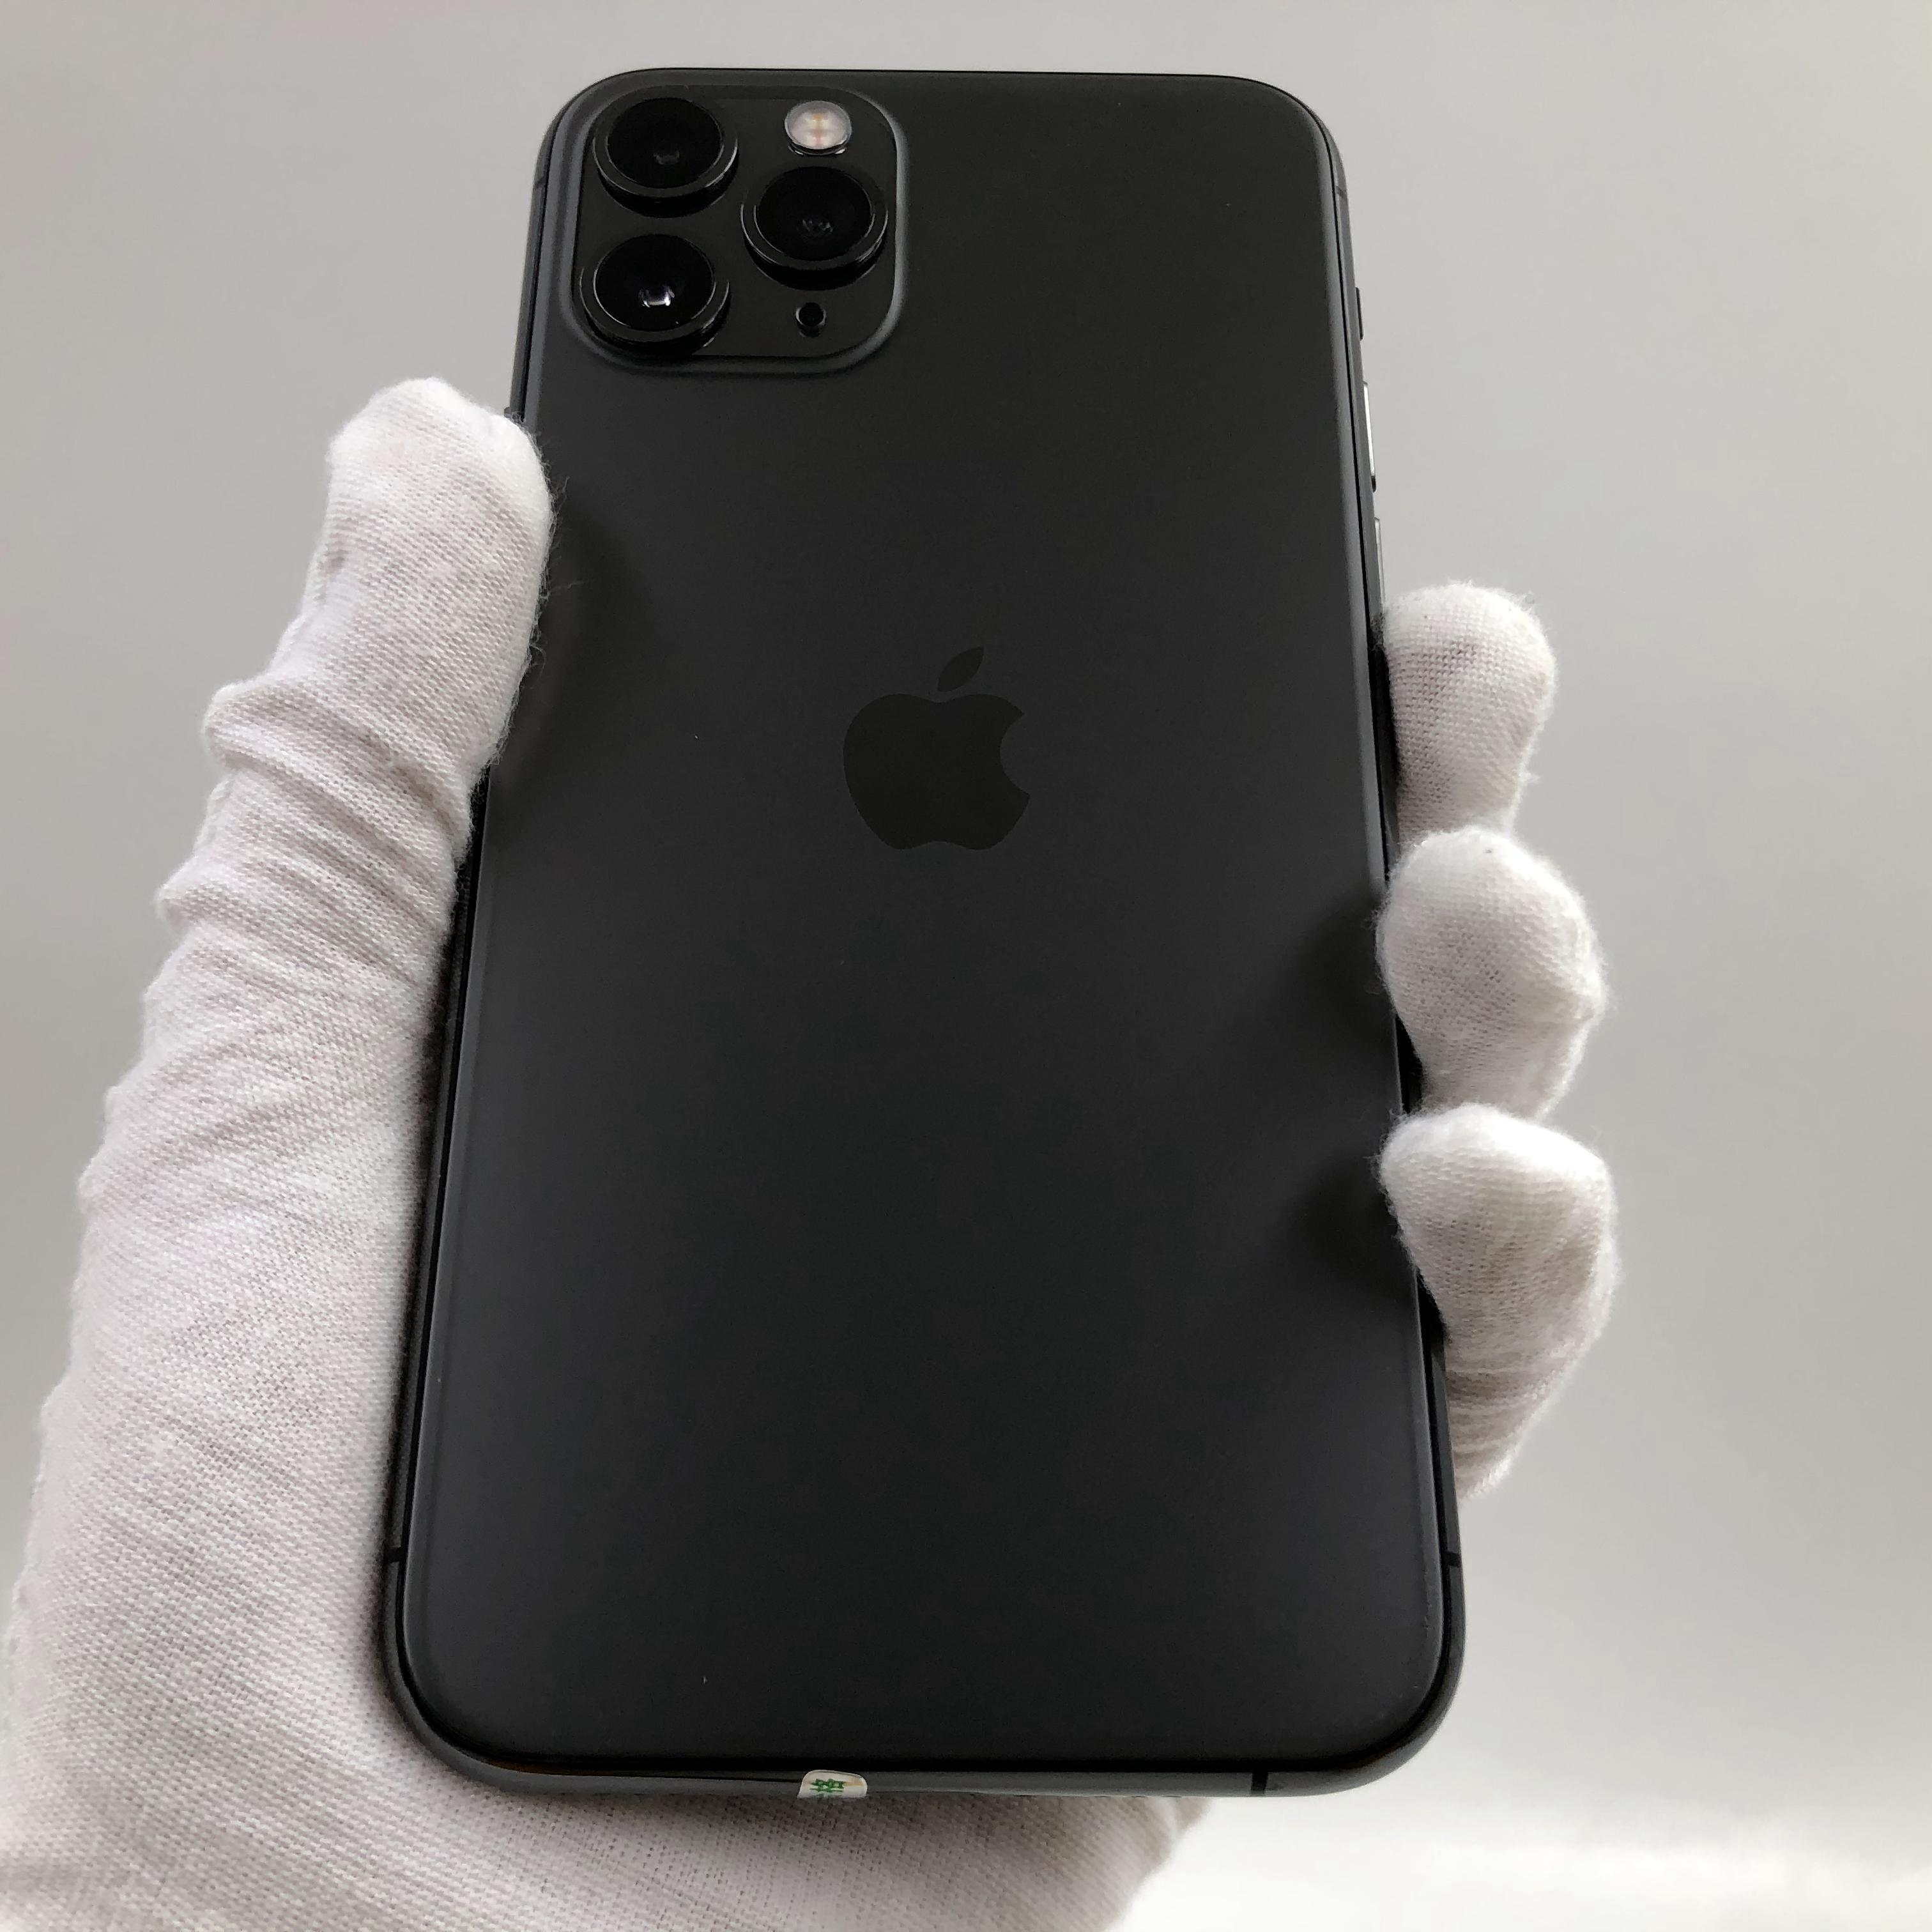 苹果【iPhone 11 Pro】4G全网通 深空灰 64G 国行 9成新 真机实拍